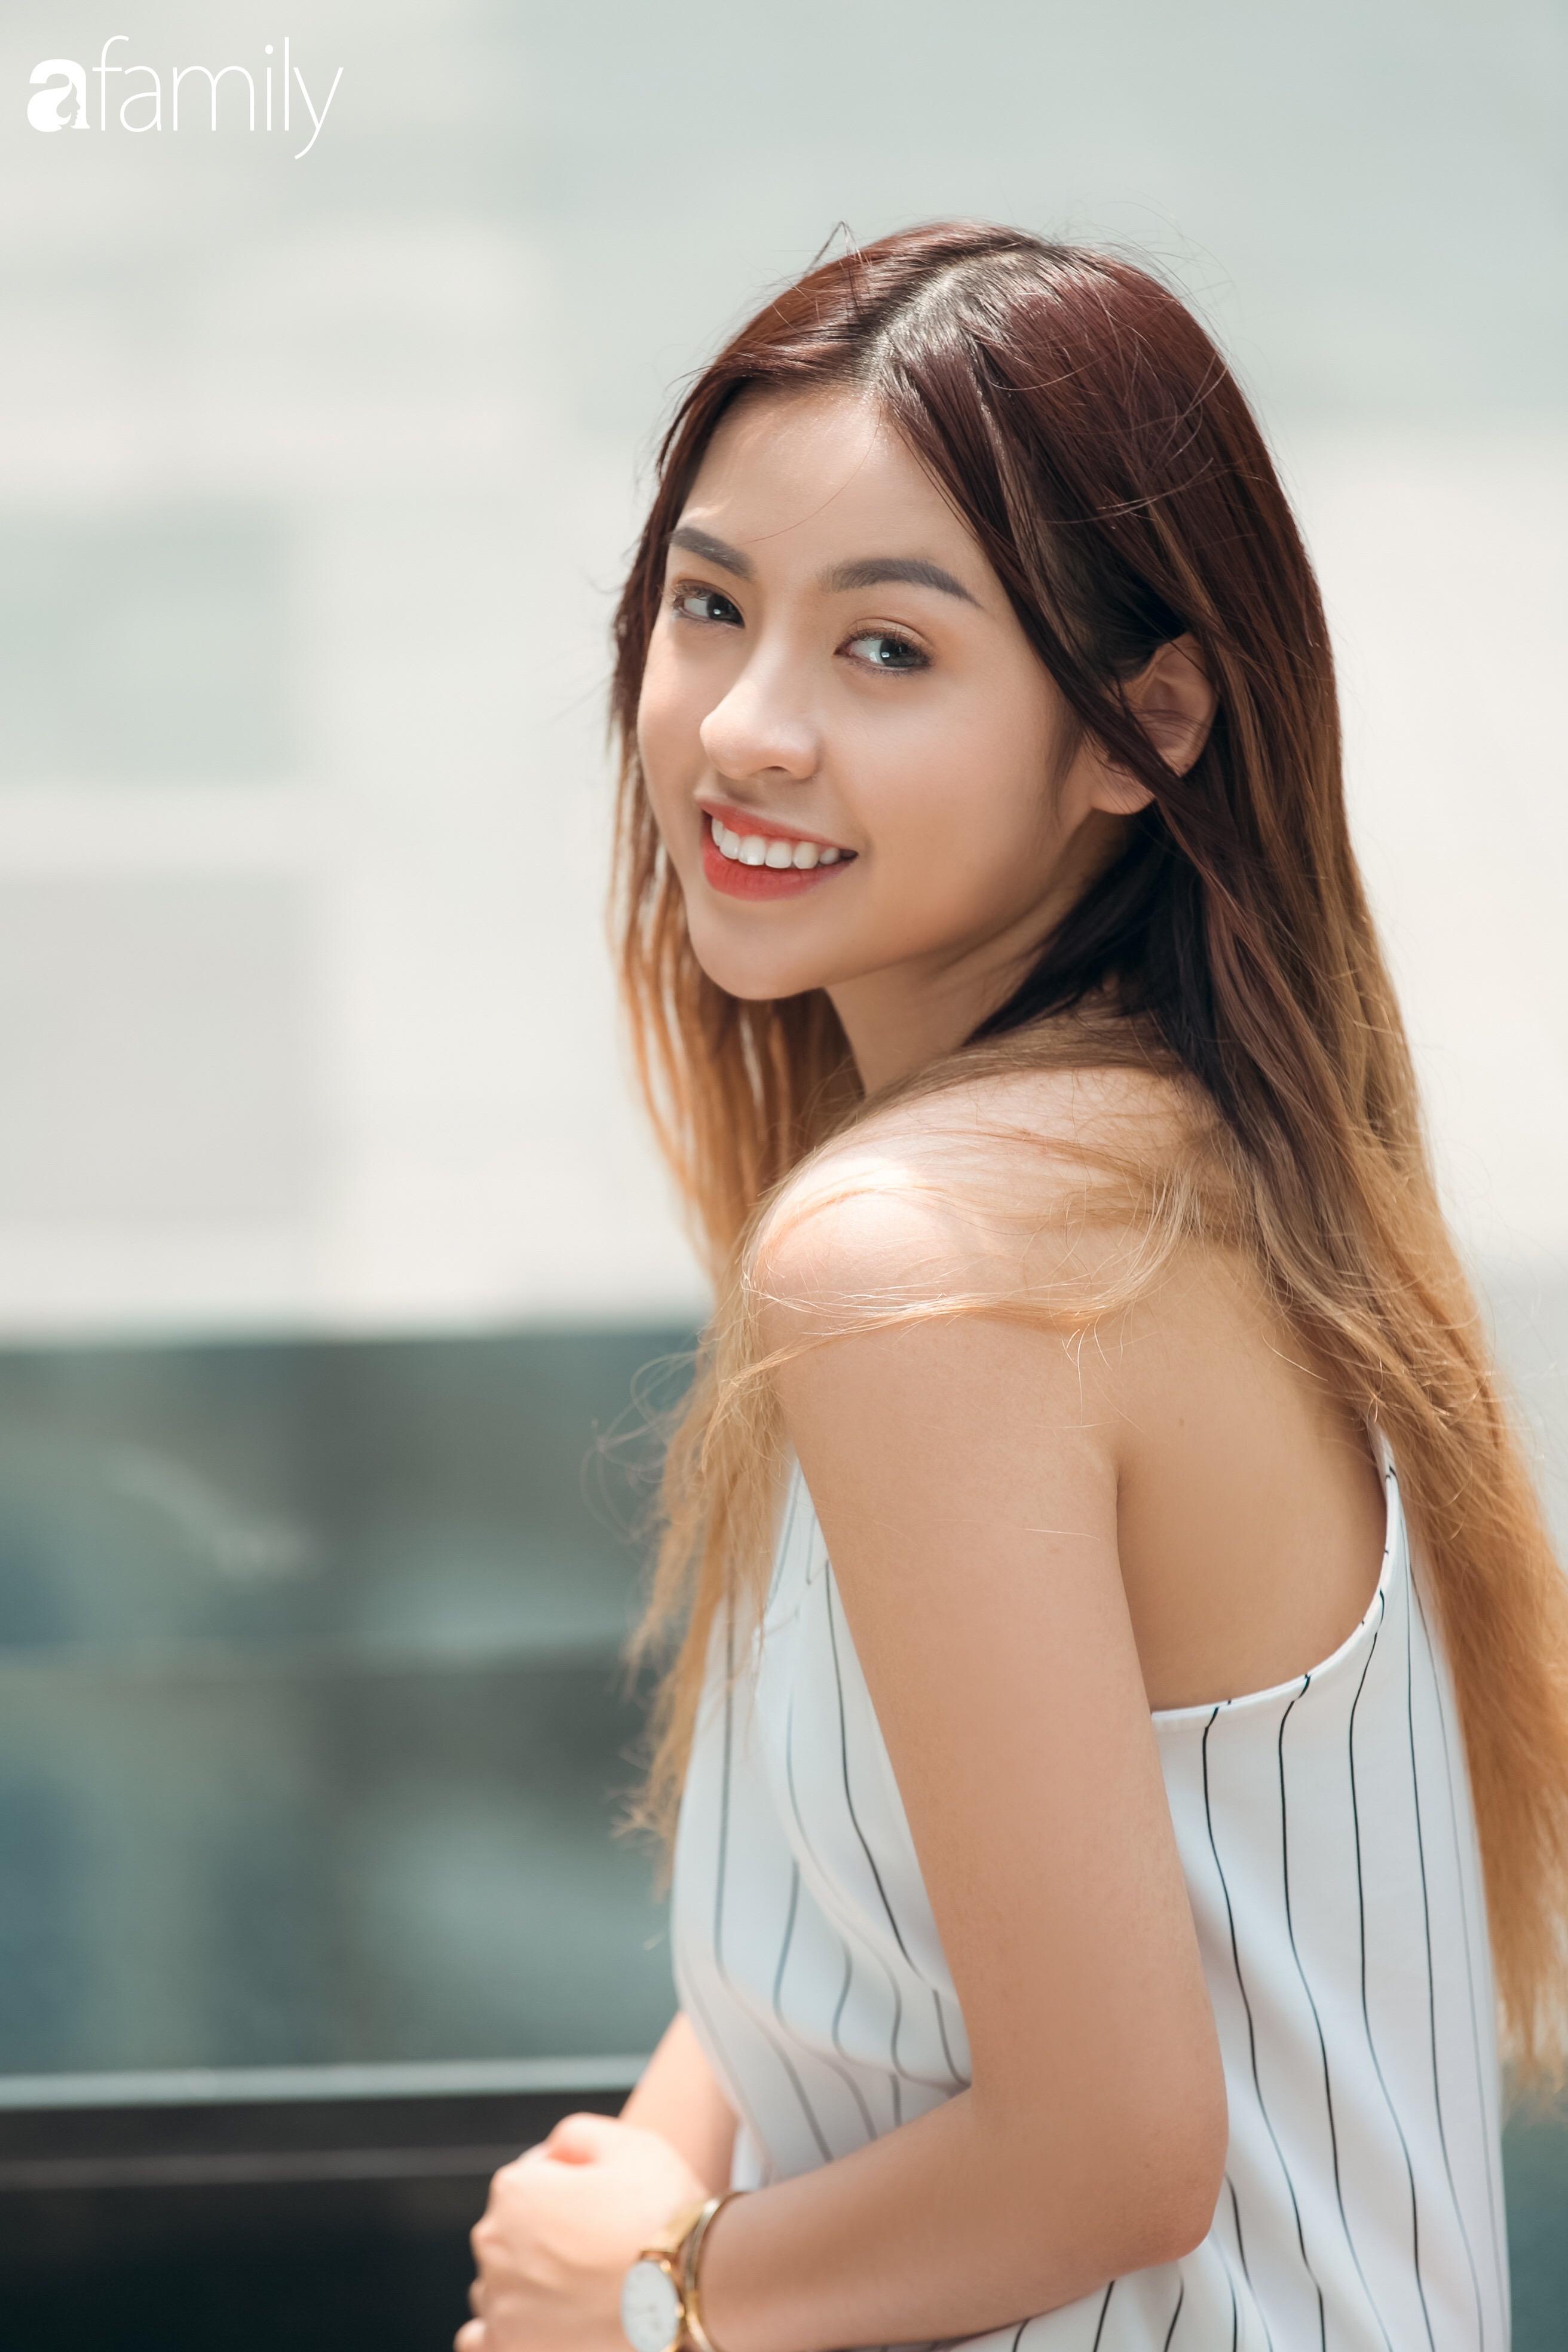 """Trần Thanh Tâm - Công chúa thả thính trên Tiktok khẳng định không ngại bị gắn mác """"lẳng lơ"""" để được nổi tiếng, chơi mạng xã hội mà kiếm ra khối tiền đâu phải ai cũng làm được! - Ảnh 8."""